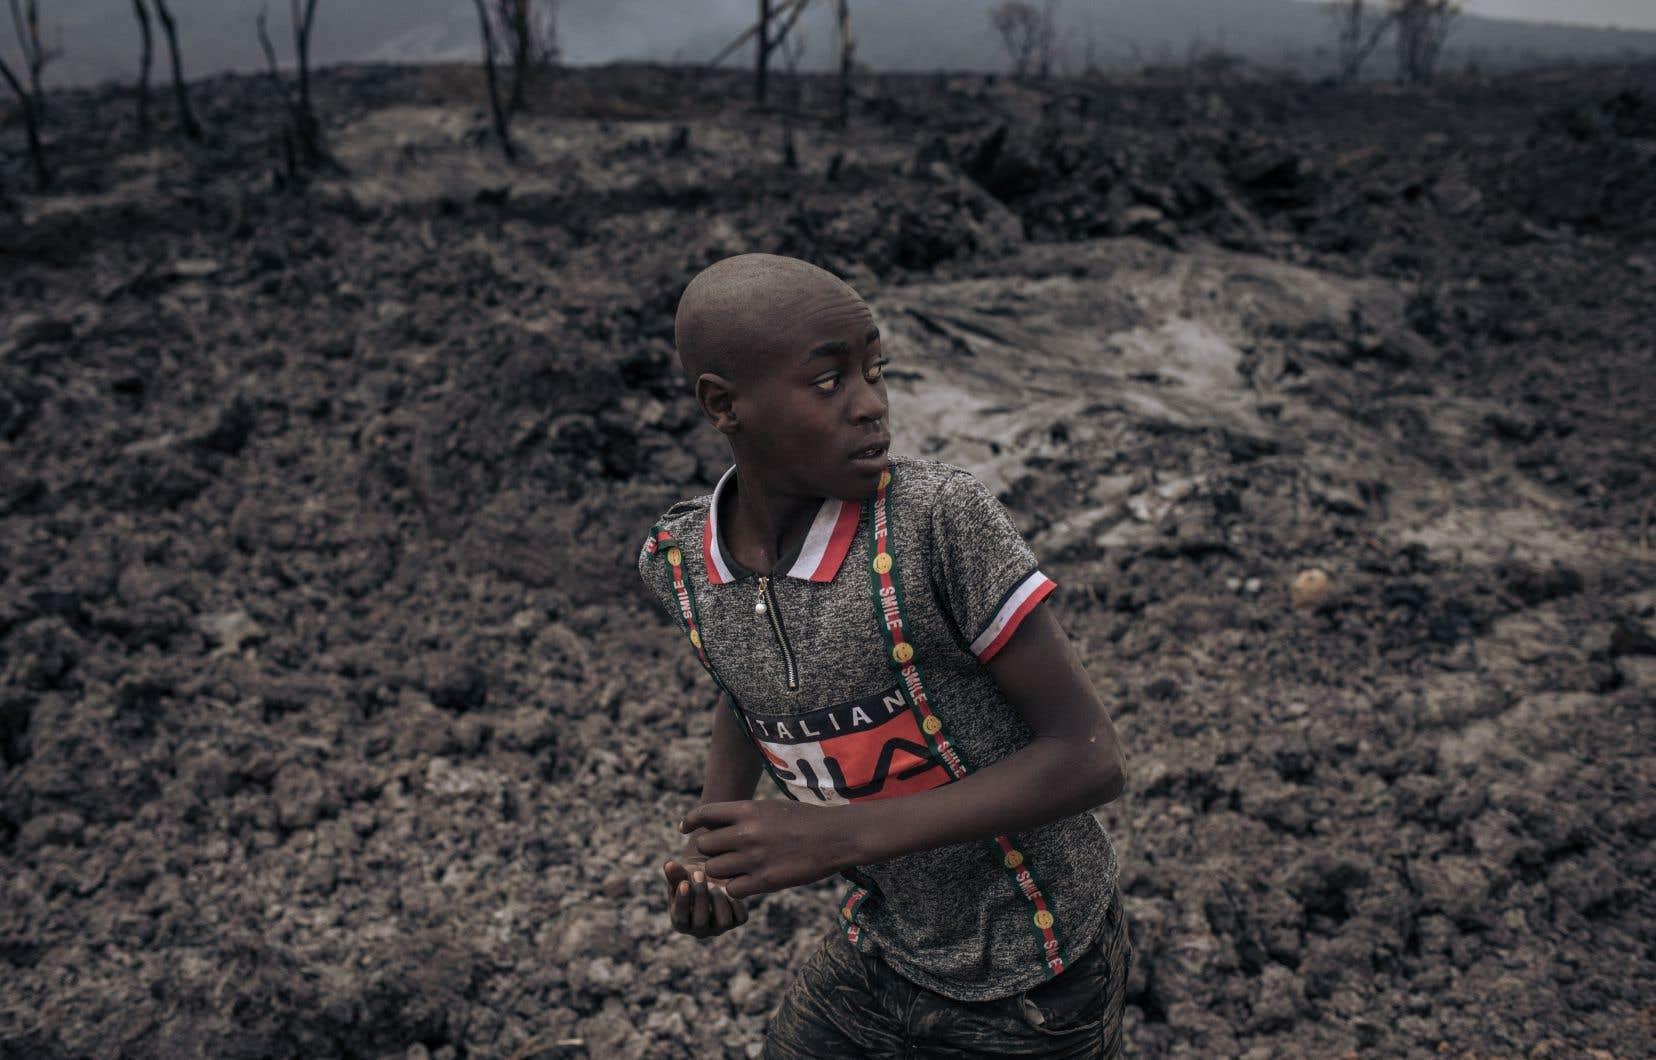 À Goma, les habitants quittent à nouveau la ville et partent traverser, depuis l'est de la République démocratique du Congo, la frontière toute proche du Rwanda, tandis que la lave, auparavant incandescente, s'est solidifiée.